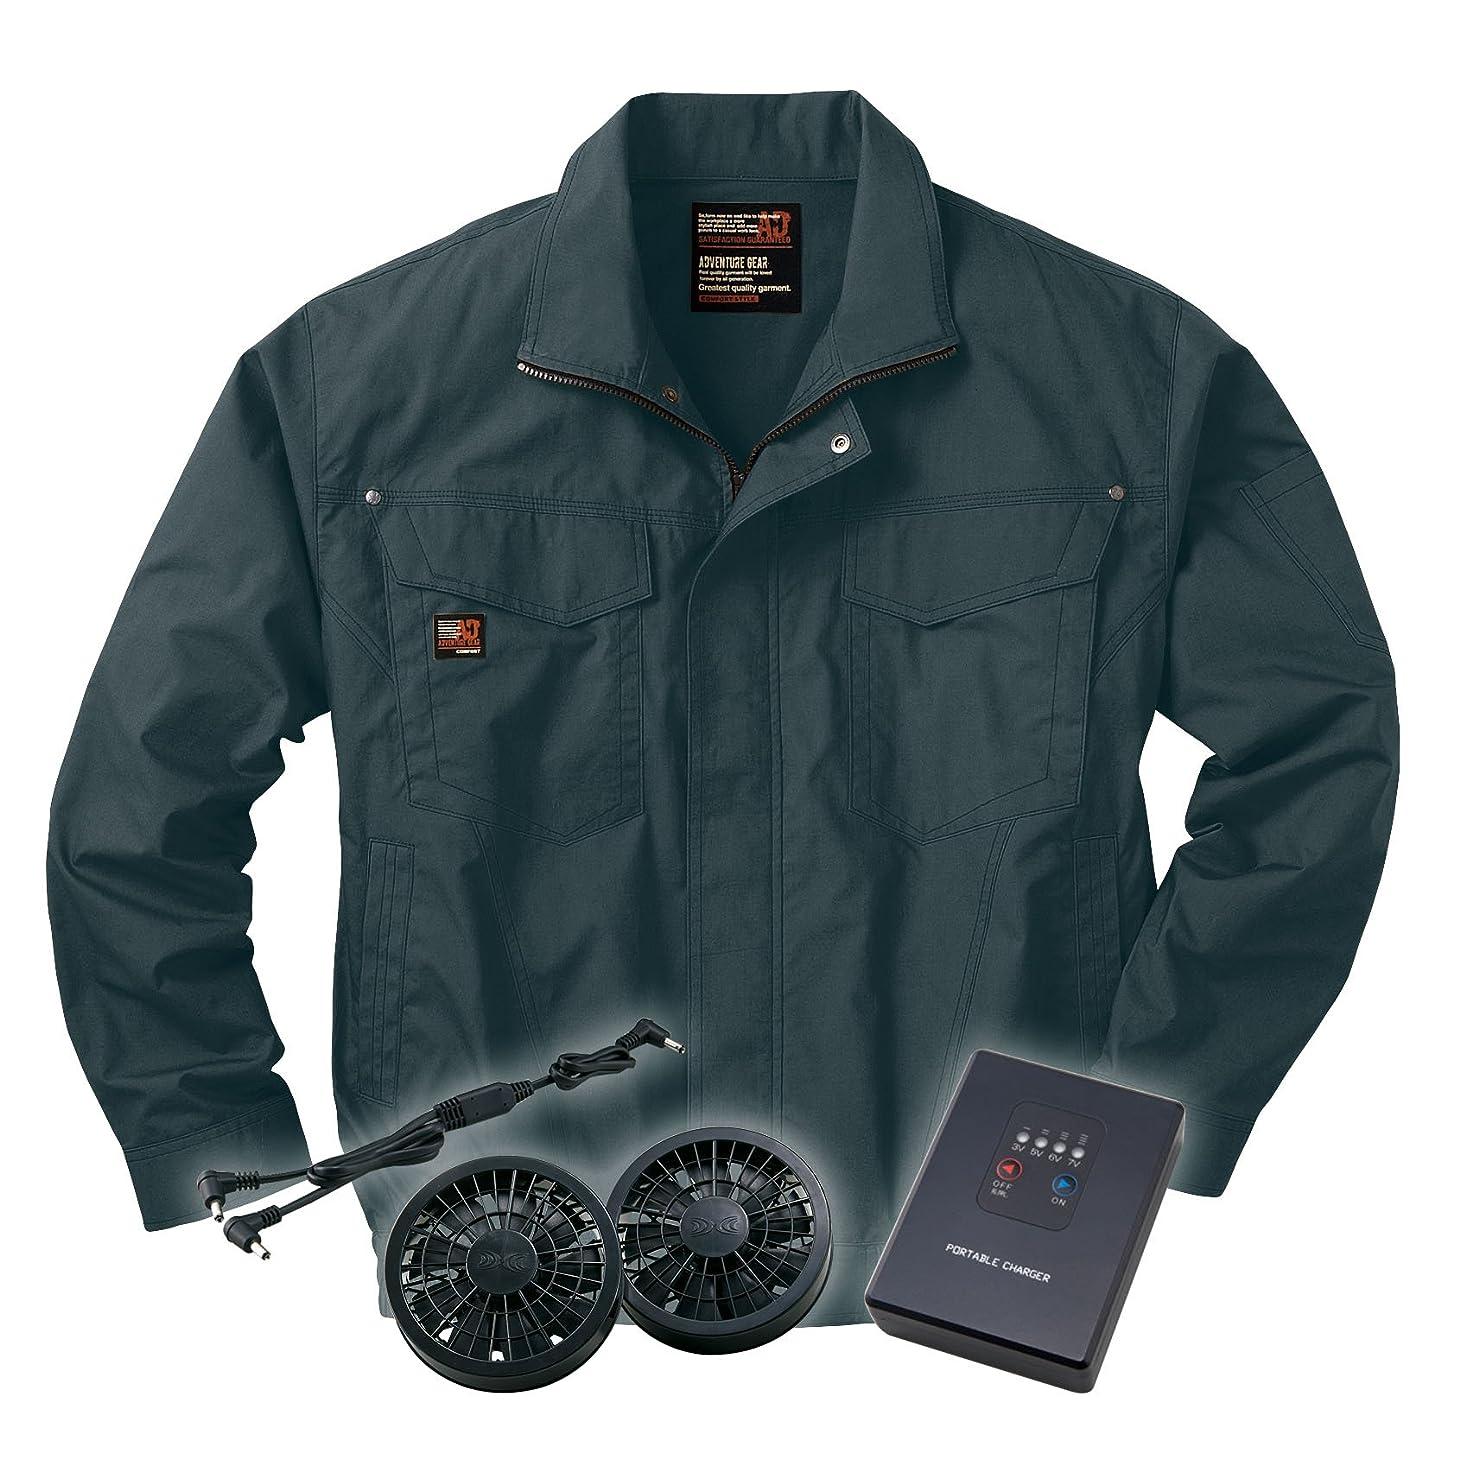 物理的に蘇生するブルジョン空調服ブルゾンセット (空調服+ファン+リチウムバッテリー) ss-ku91400-l M チャコール